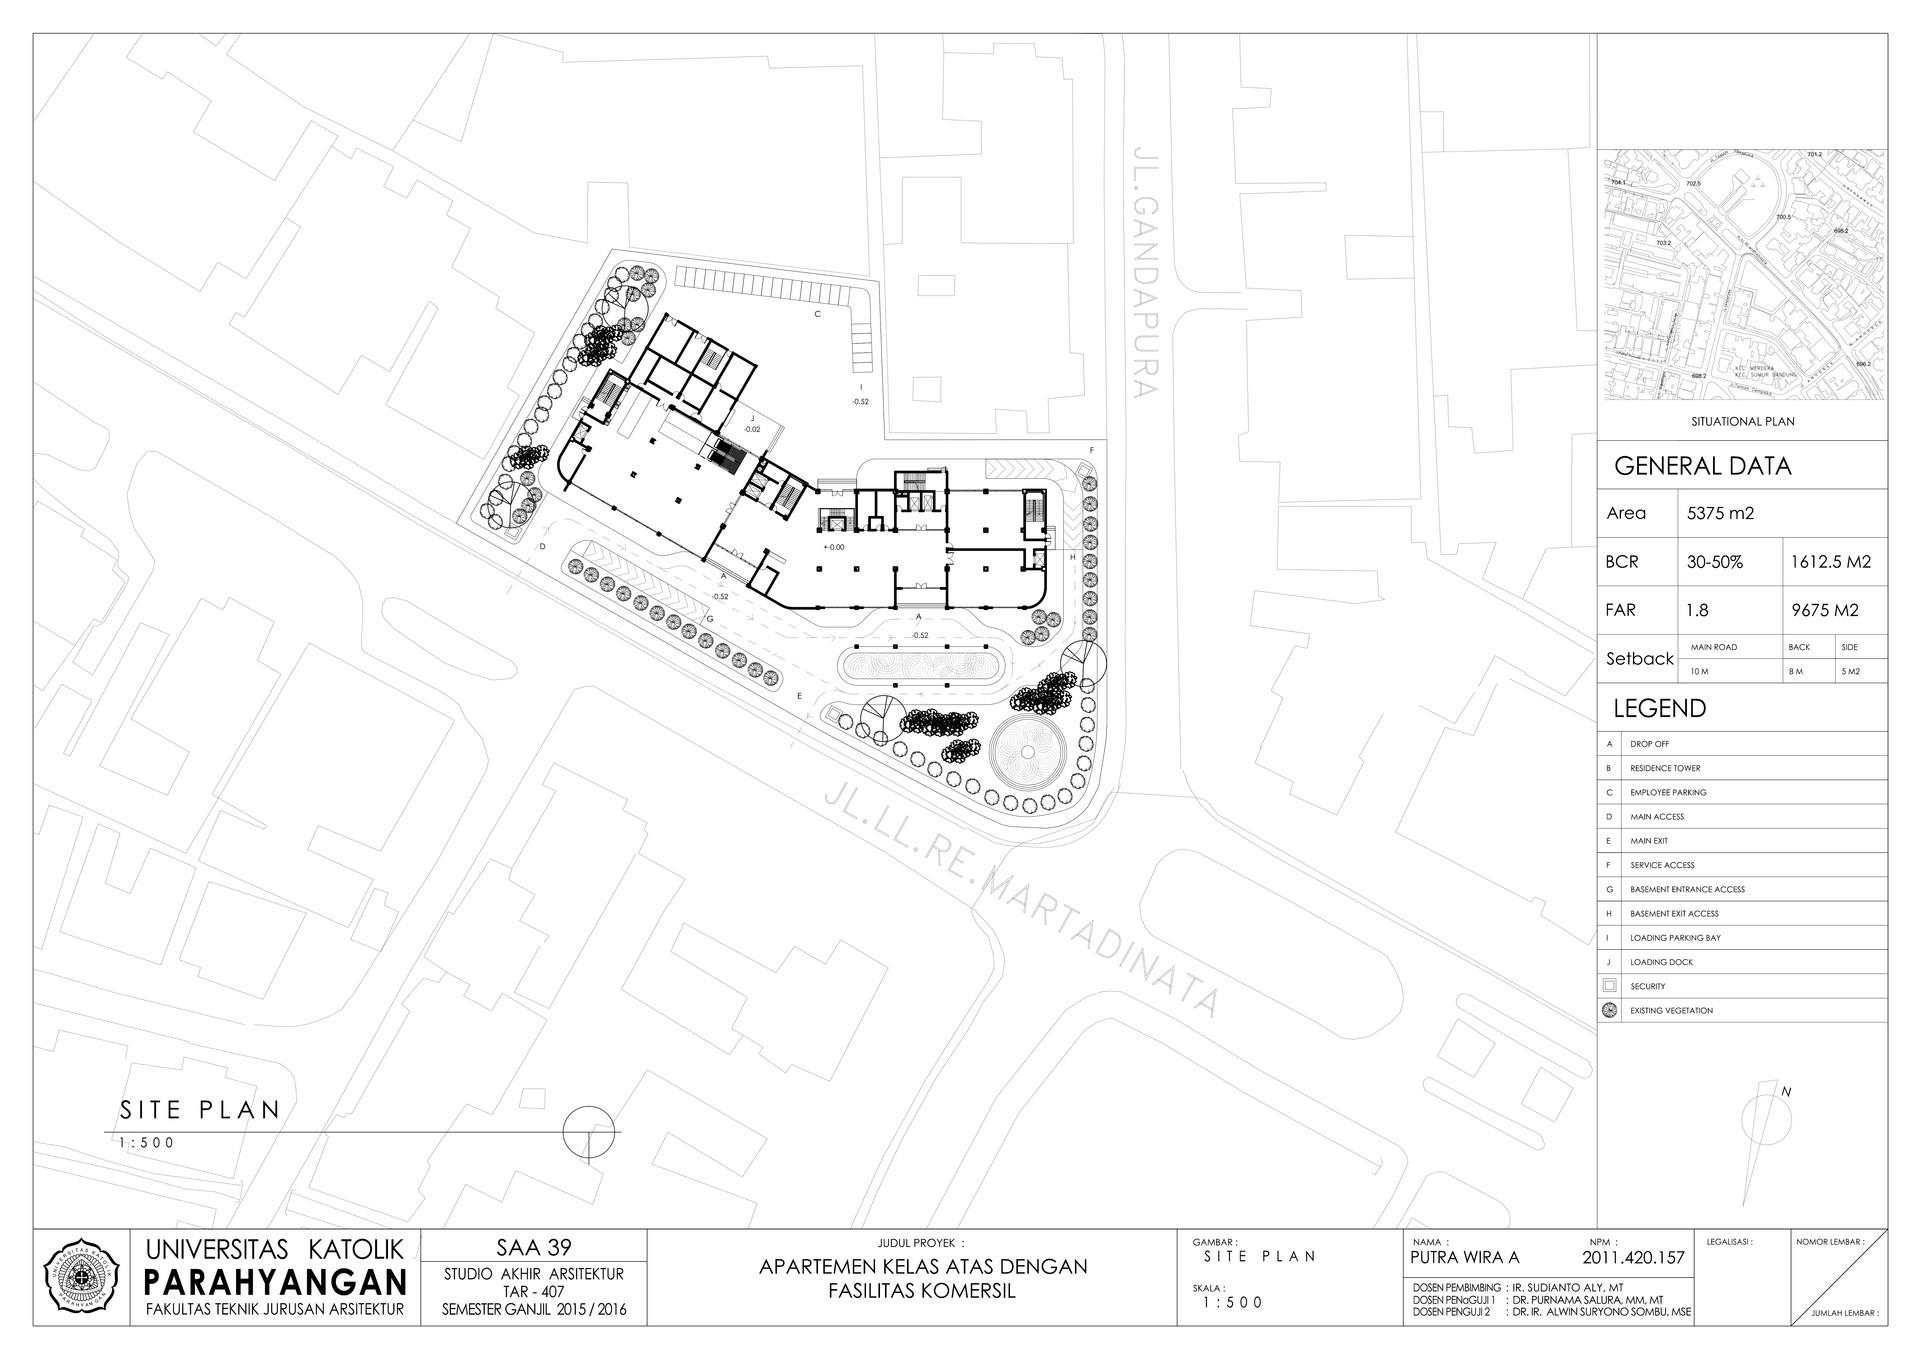 Putra wira adhiprajna 3 site plan